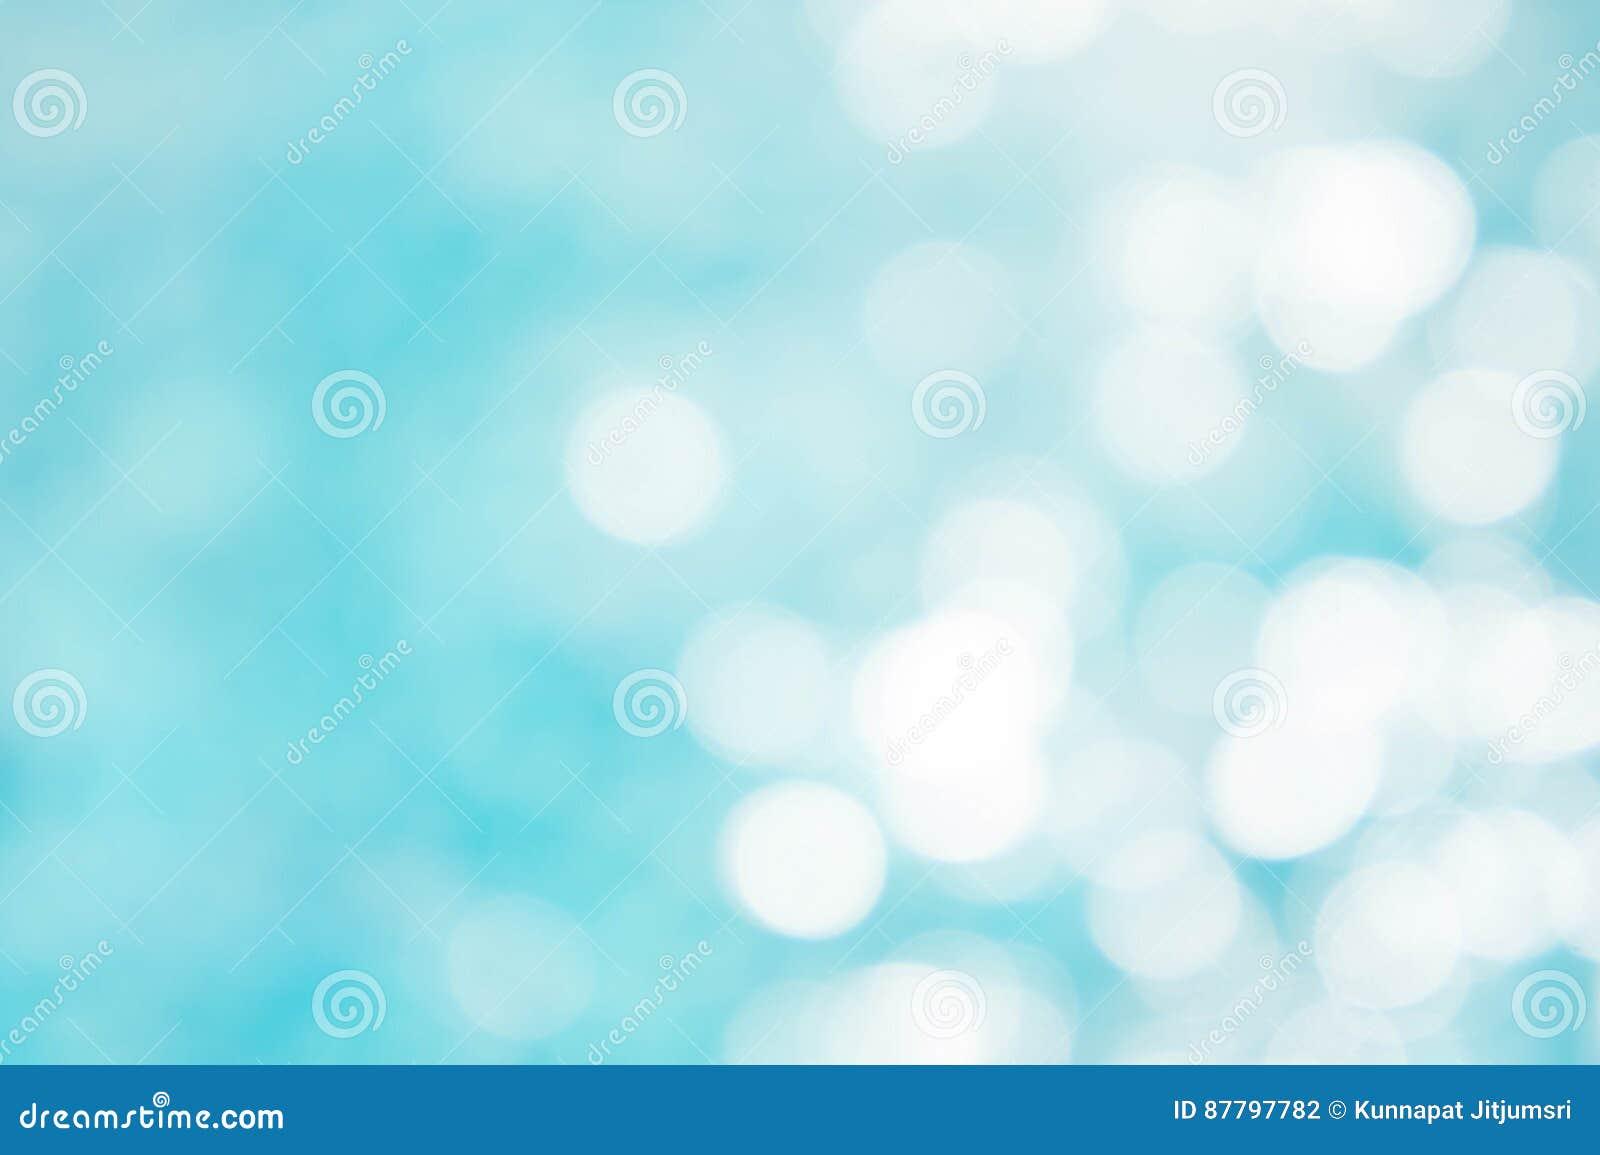 El Fondo Azulverde Abstracto De La Falta De Definición Wallpaper La